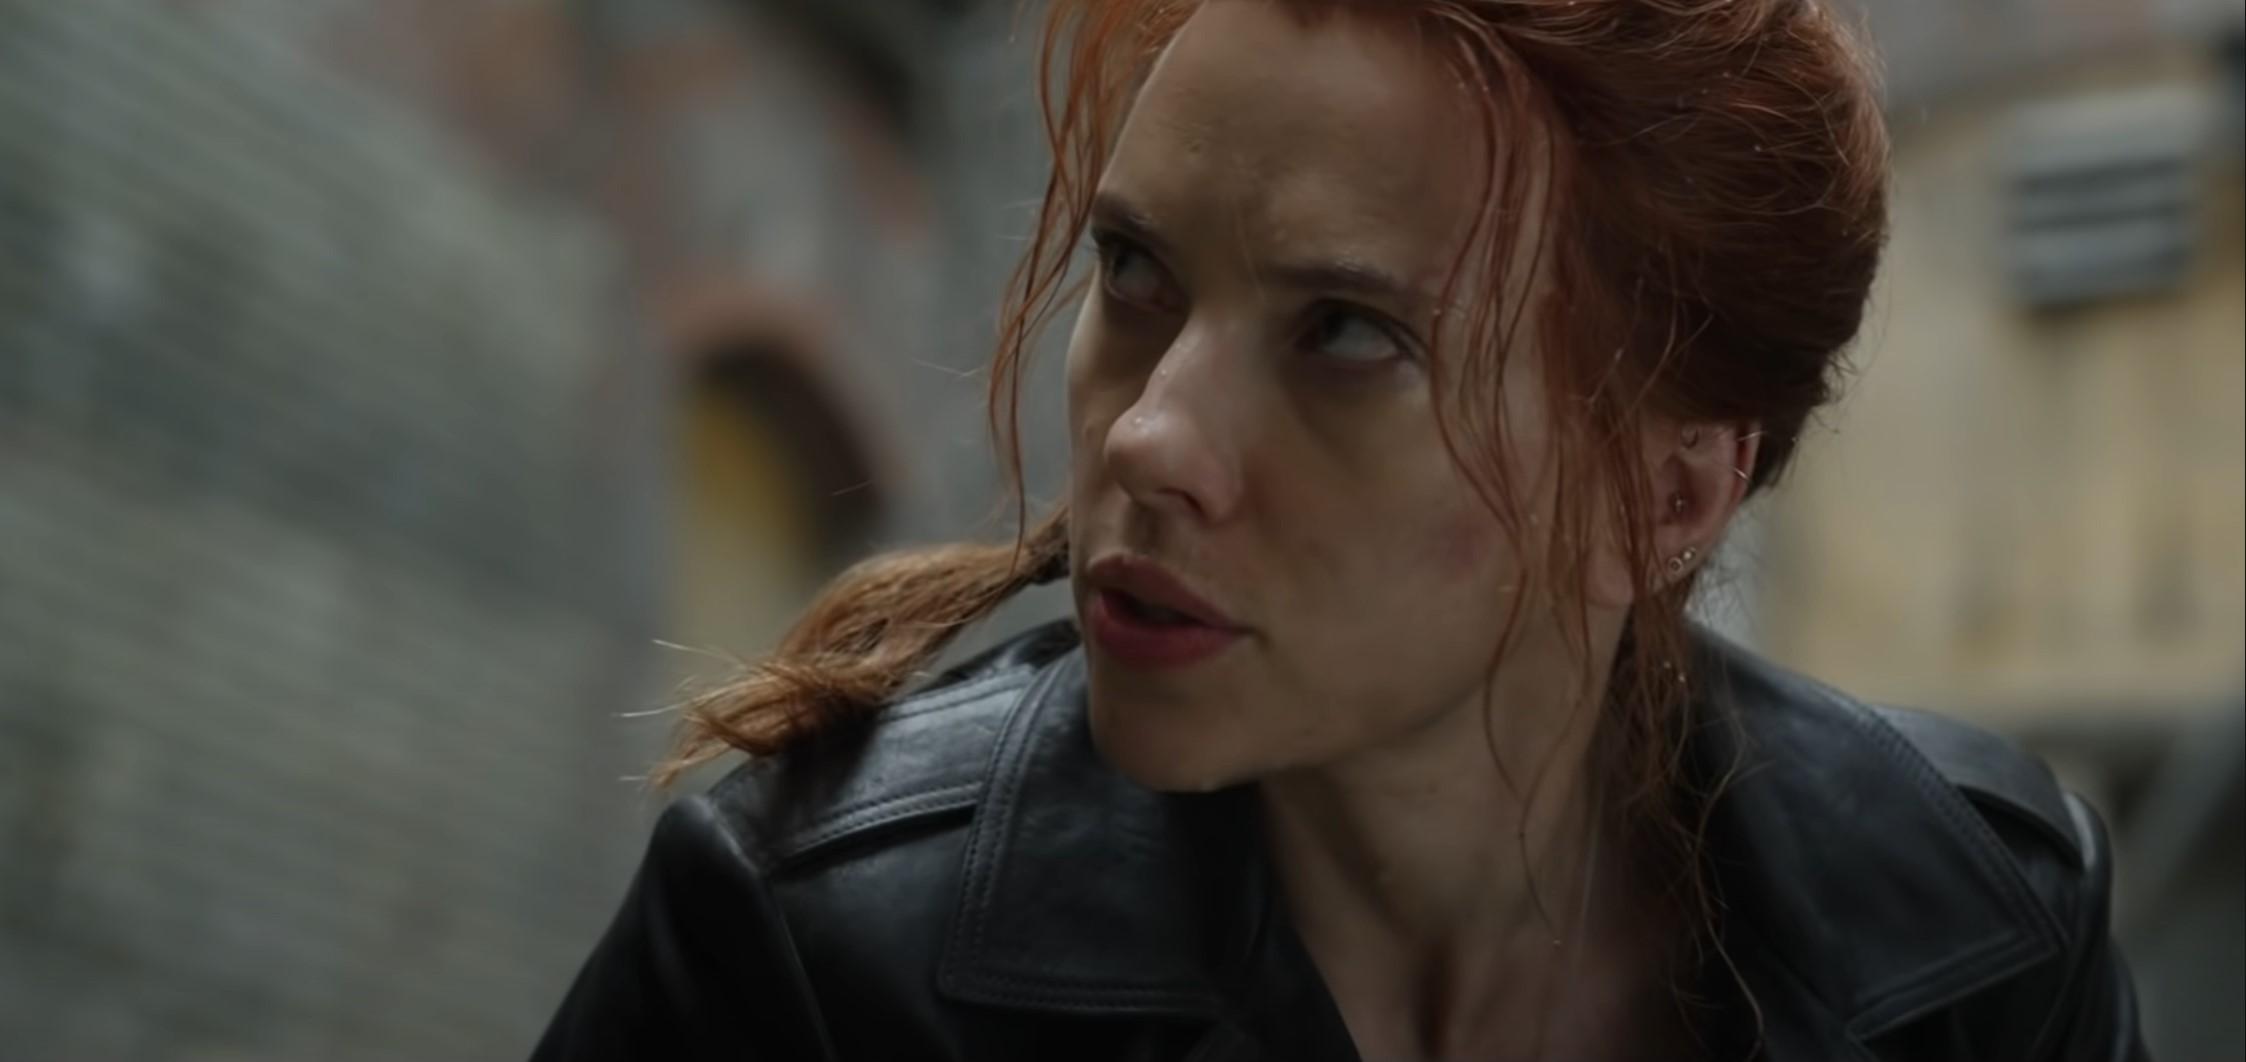 Black Widow: Release Date | Watch Full Movie Free Online!